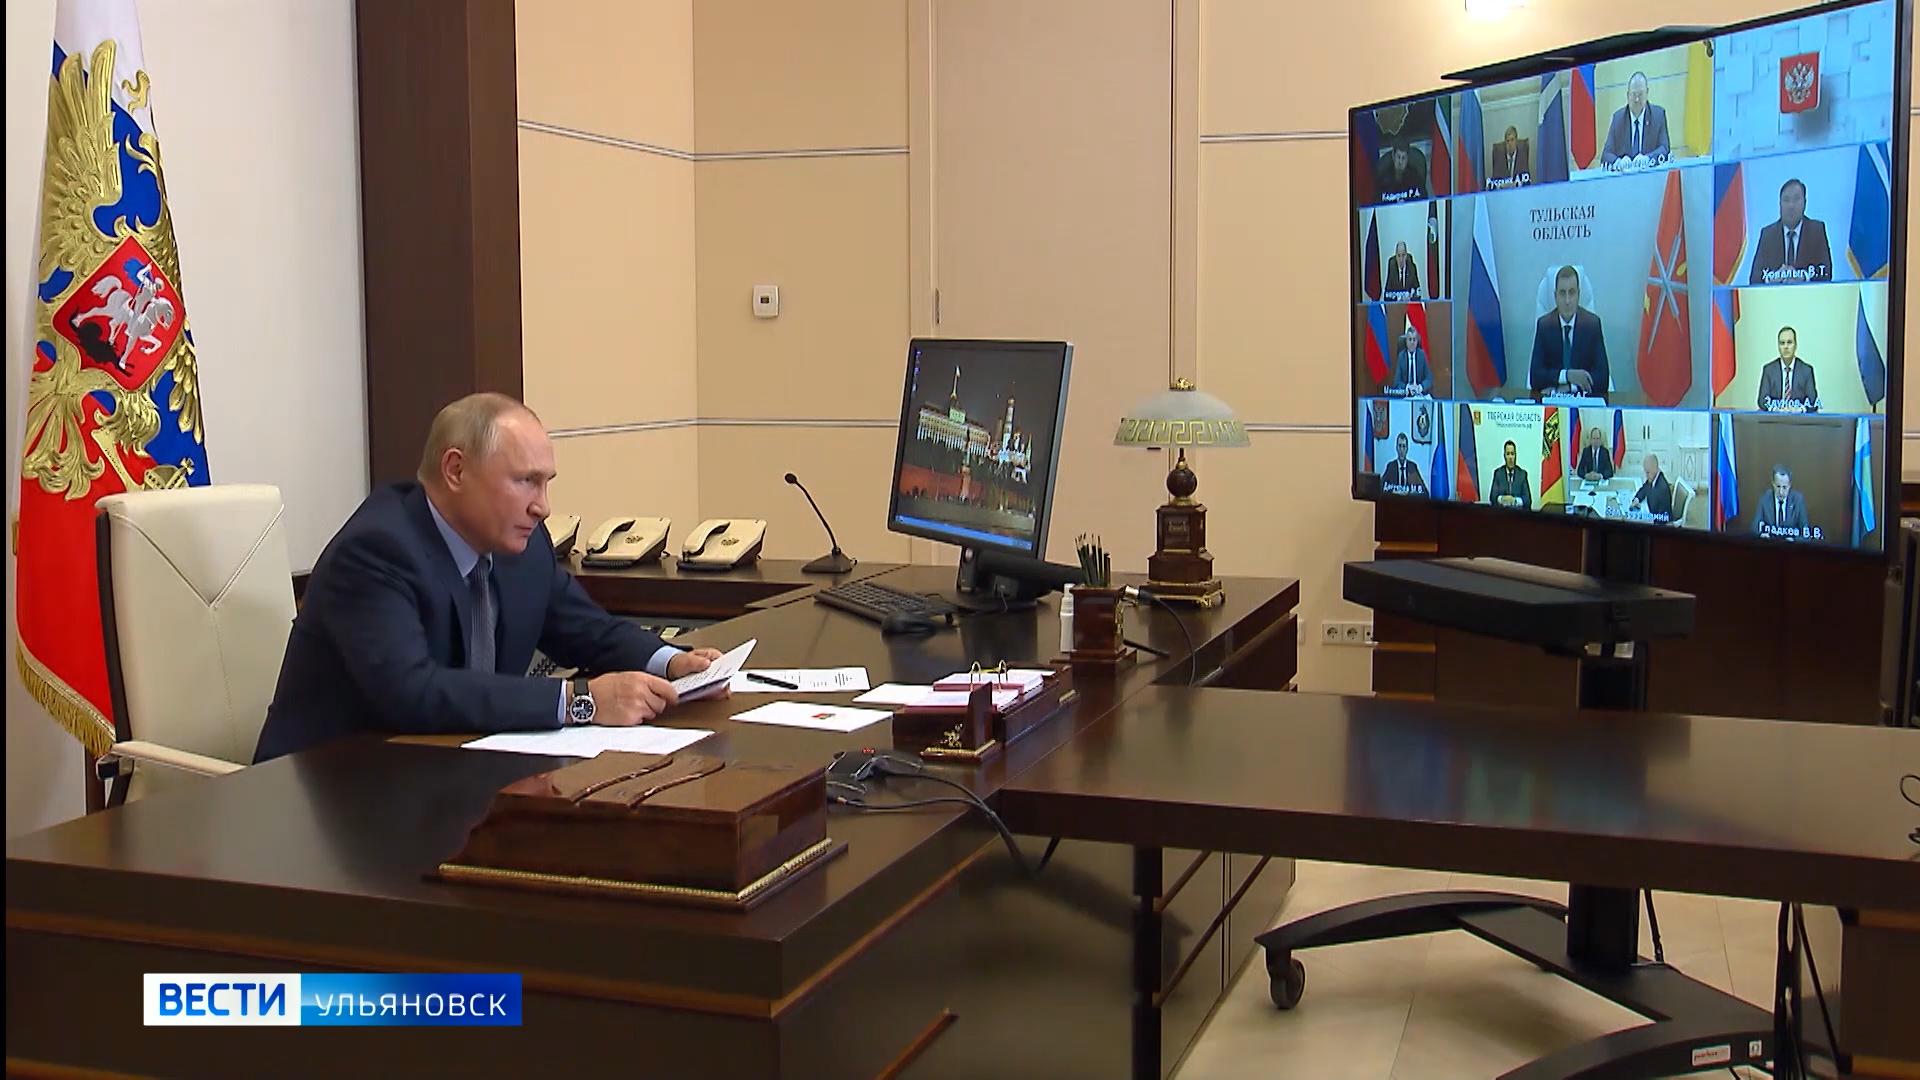 Владимир Путин провел встречу с избранными главами регионов России